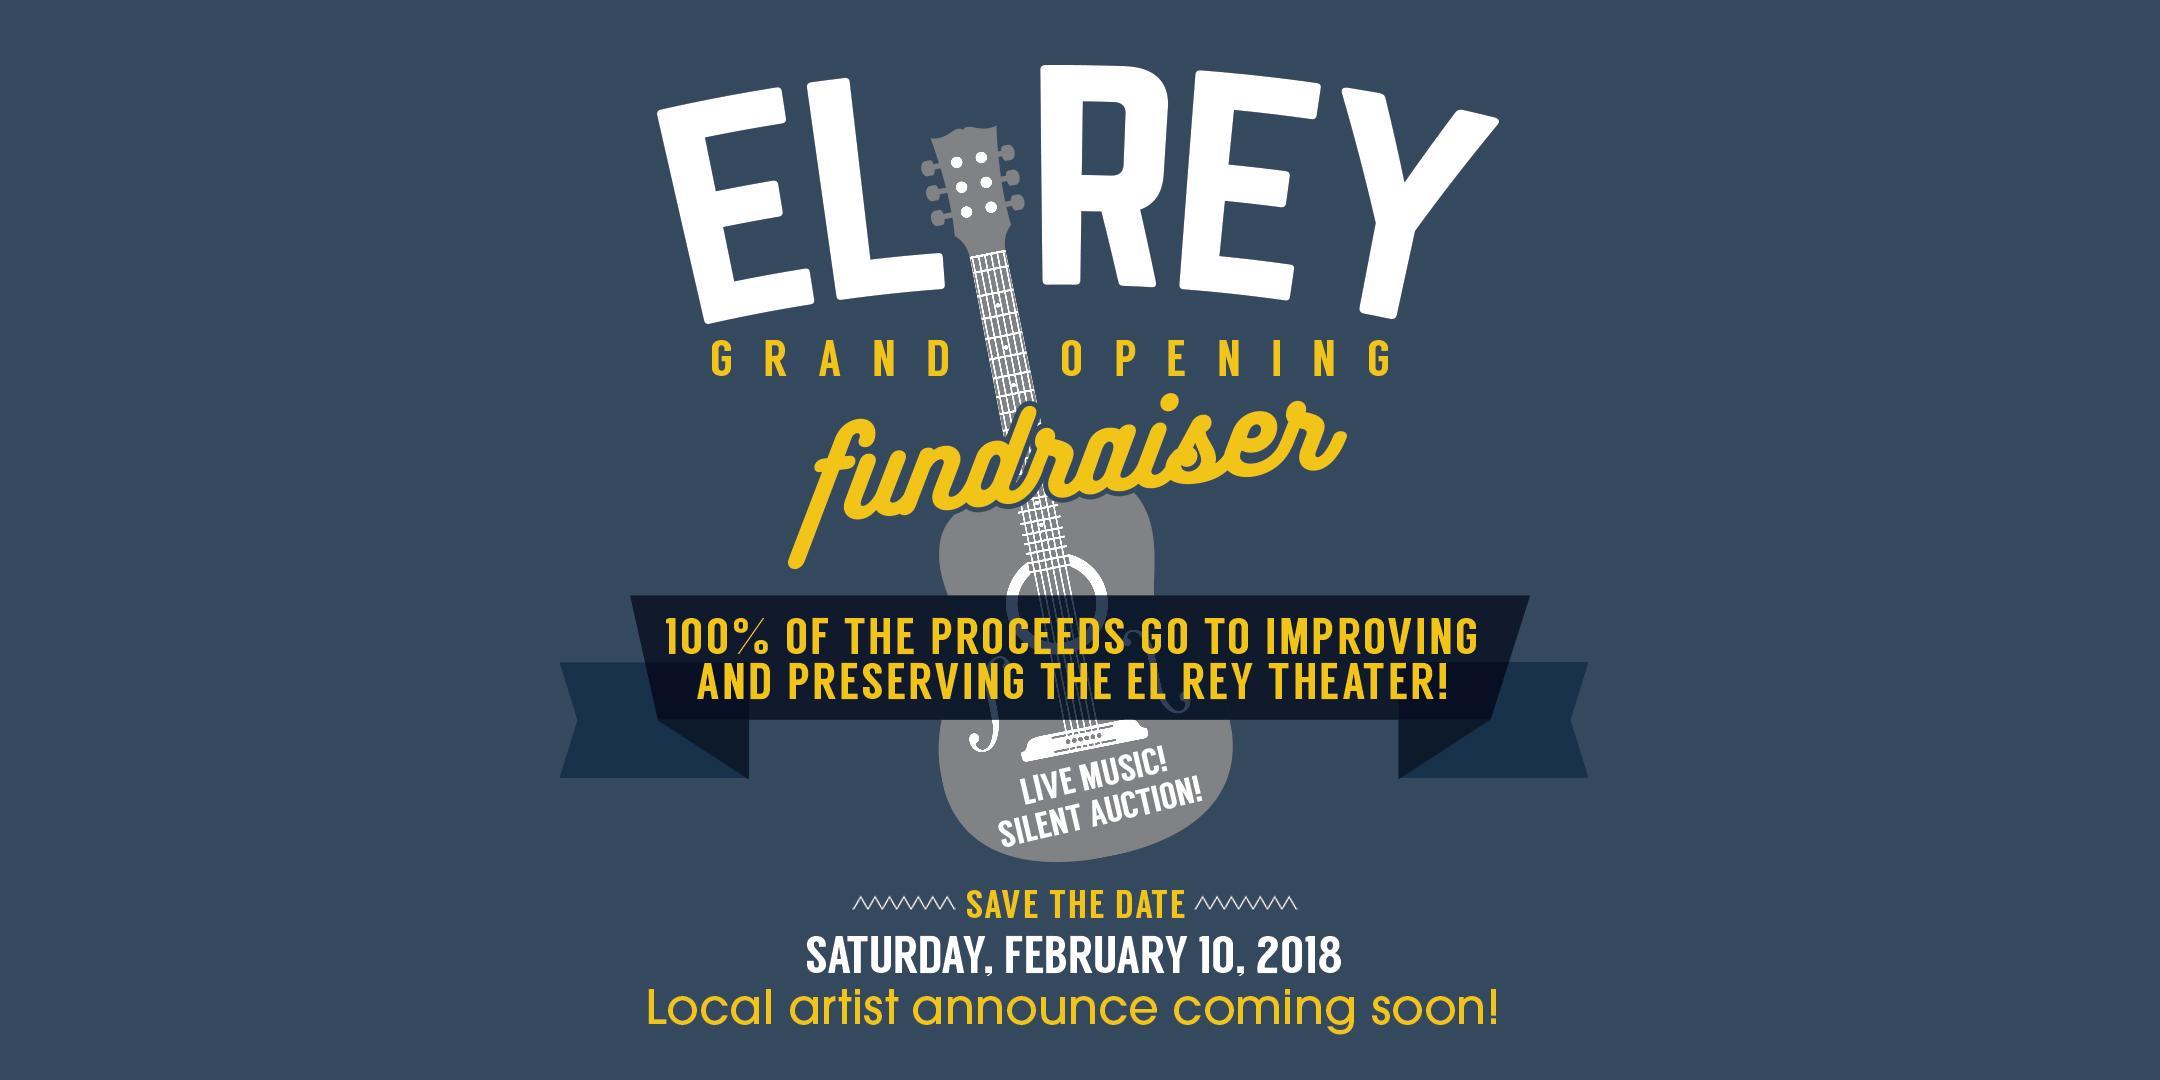 El Rey Grand Opening Fundraiser